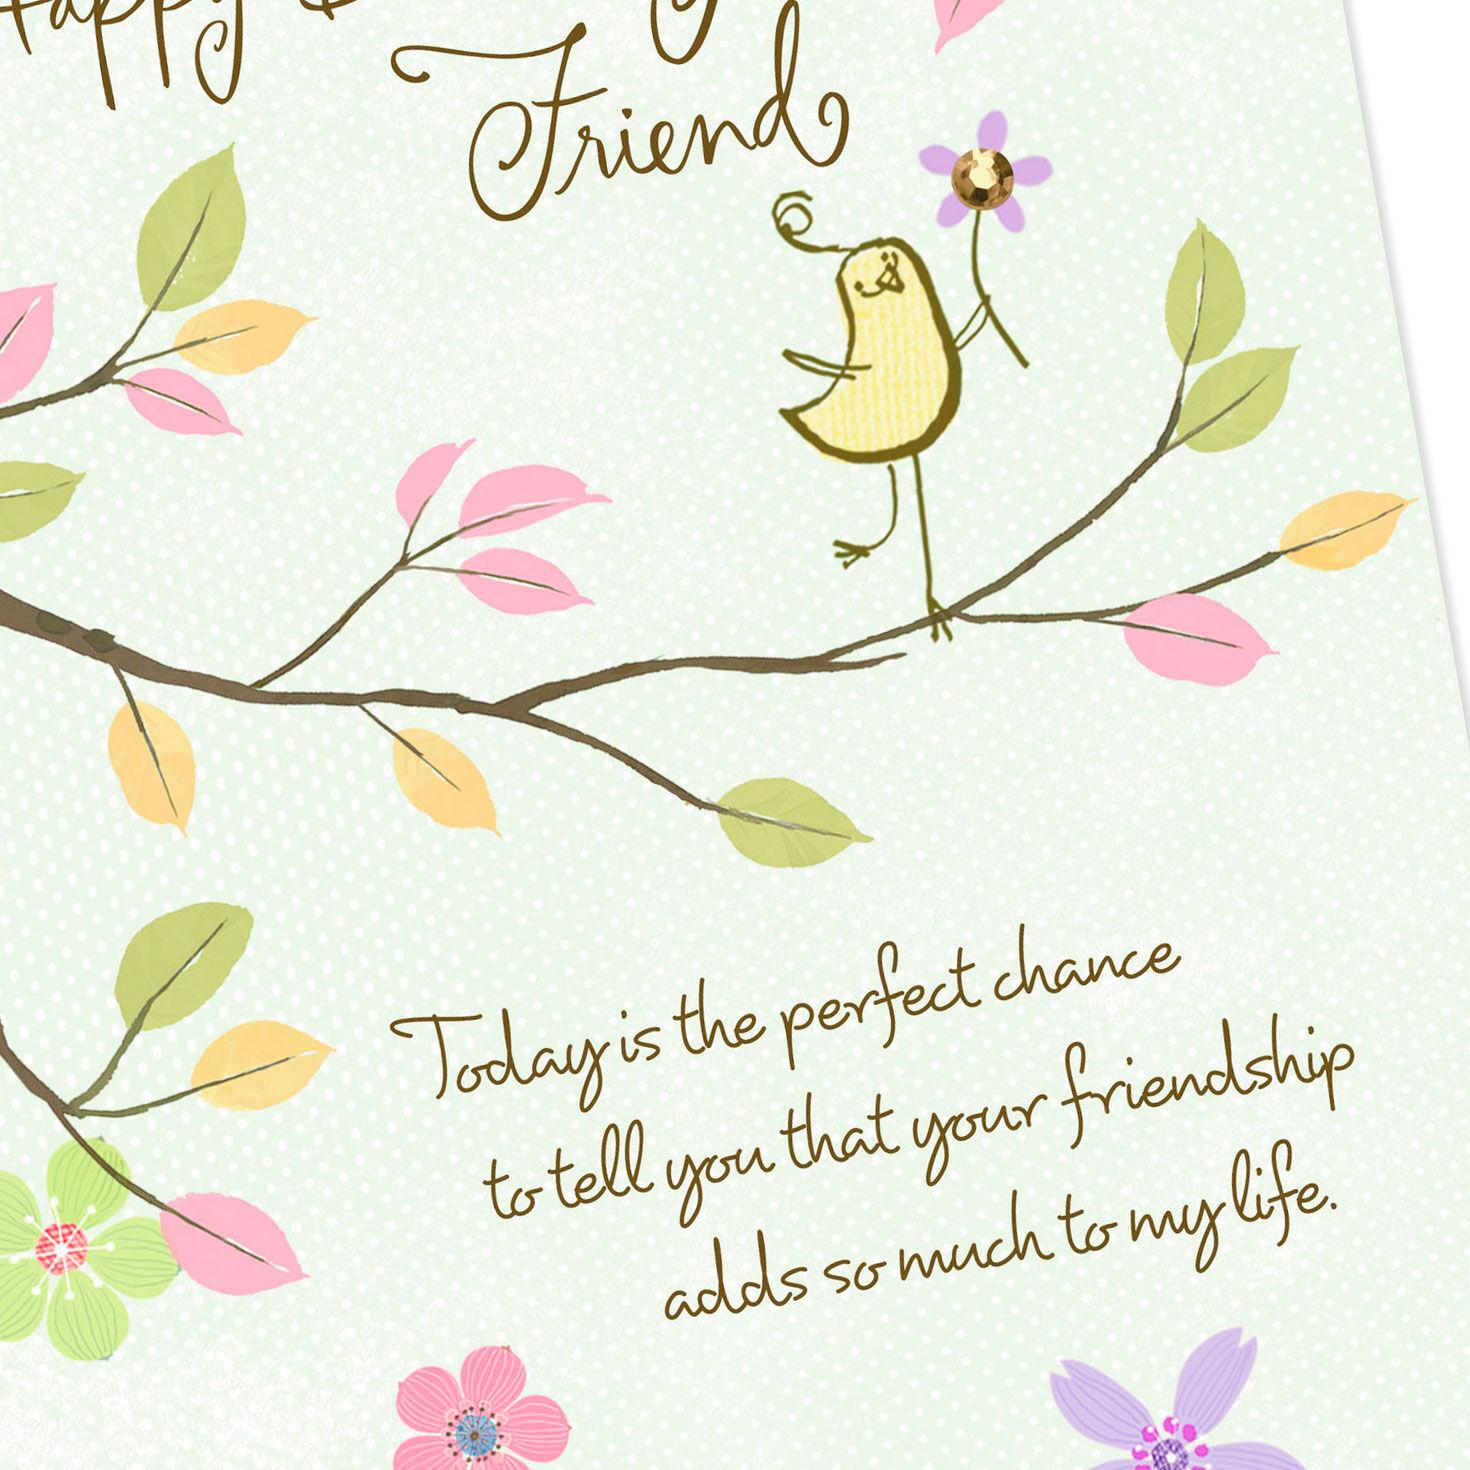 thankful friend birthday wishes